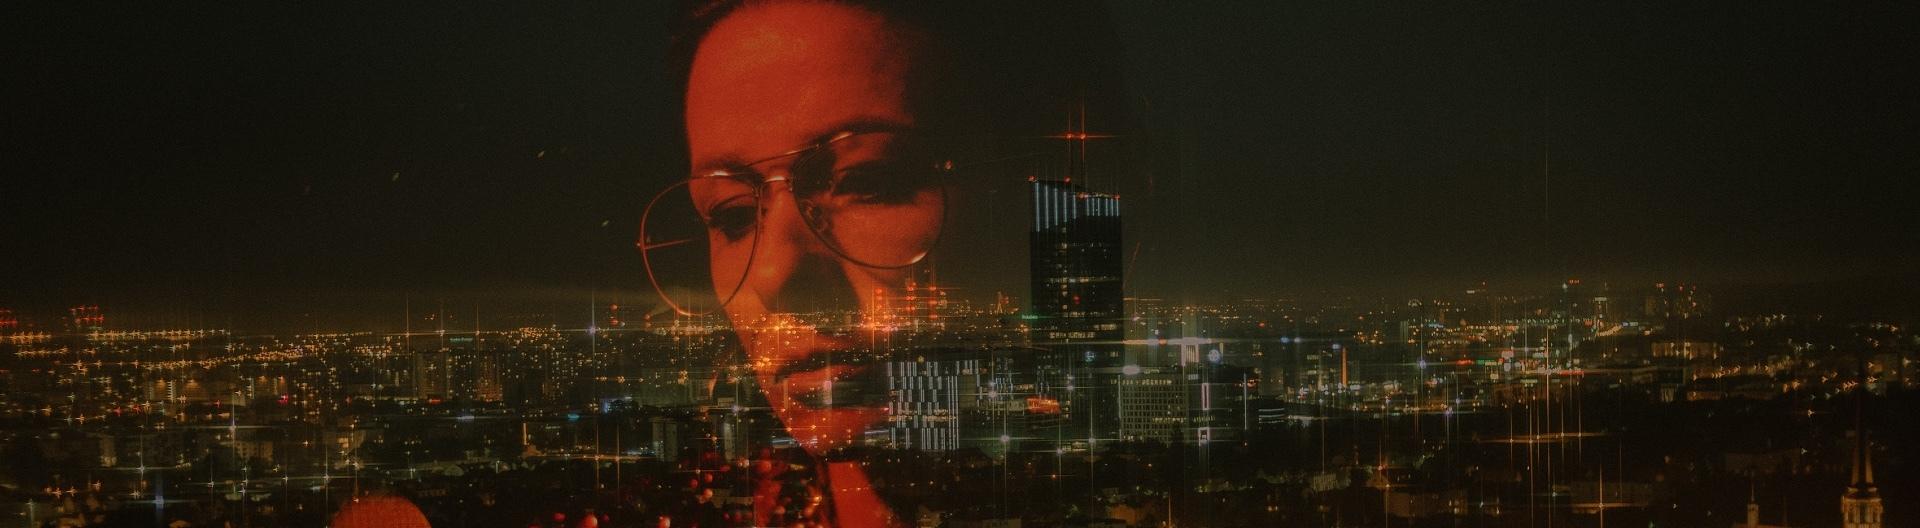 Kopf einer Frau vor einer Skyline